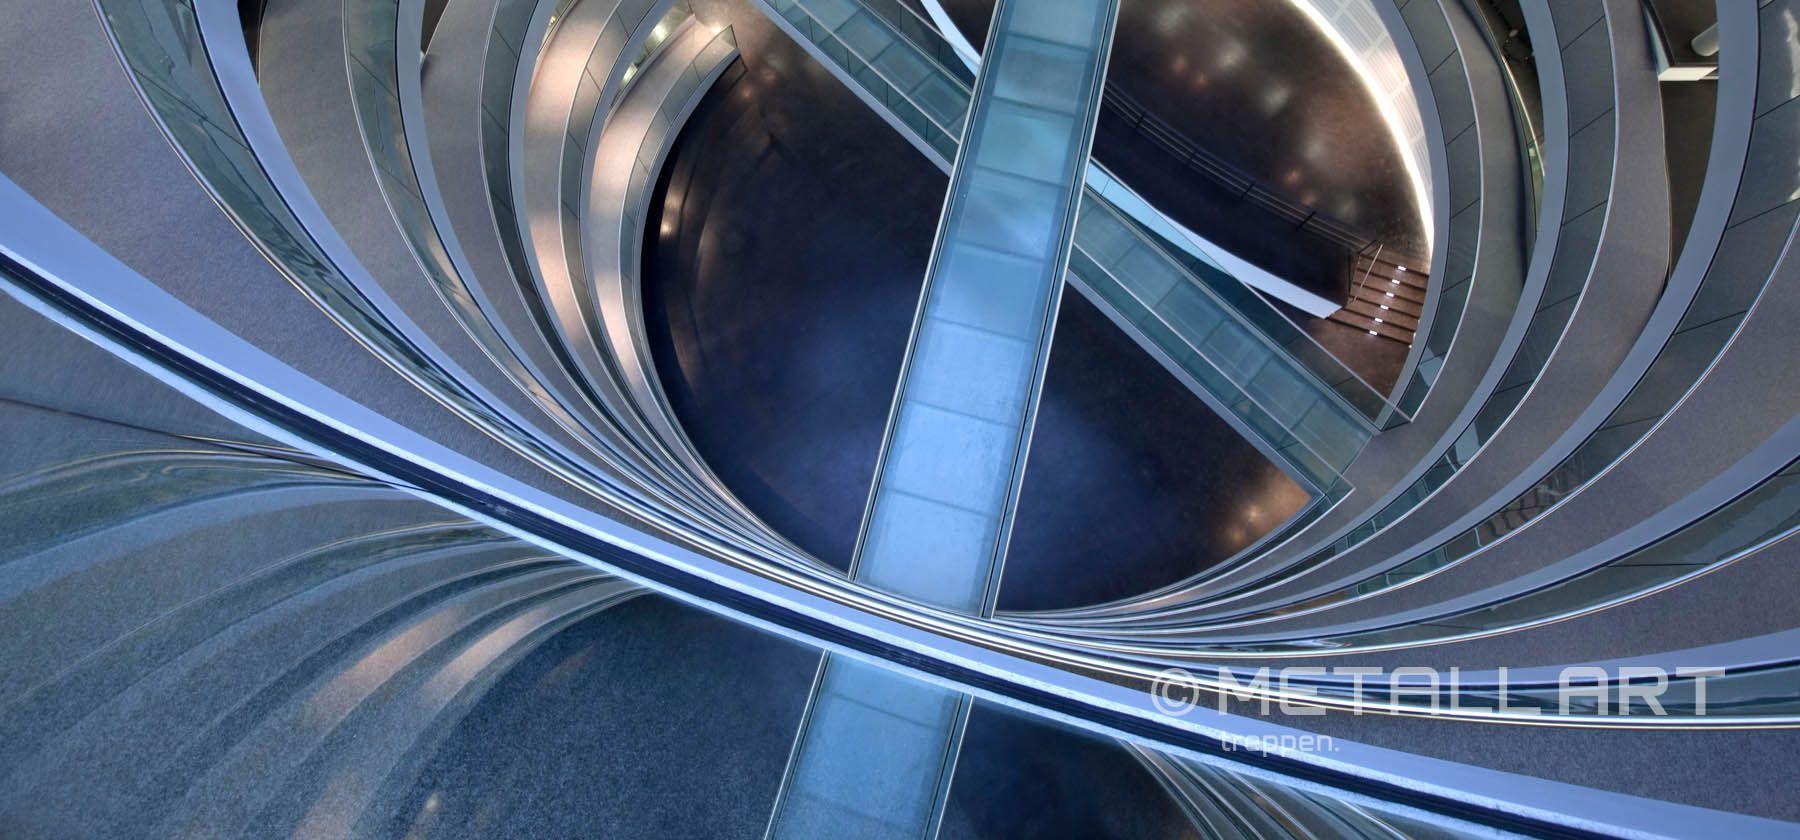 Kongresszentrums für das Genforschungsinstitut EMBL in Heidelberg in Form einer Doppelhelix | MetallArt Metallbau Schmid GmbH